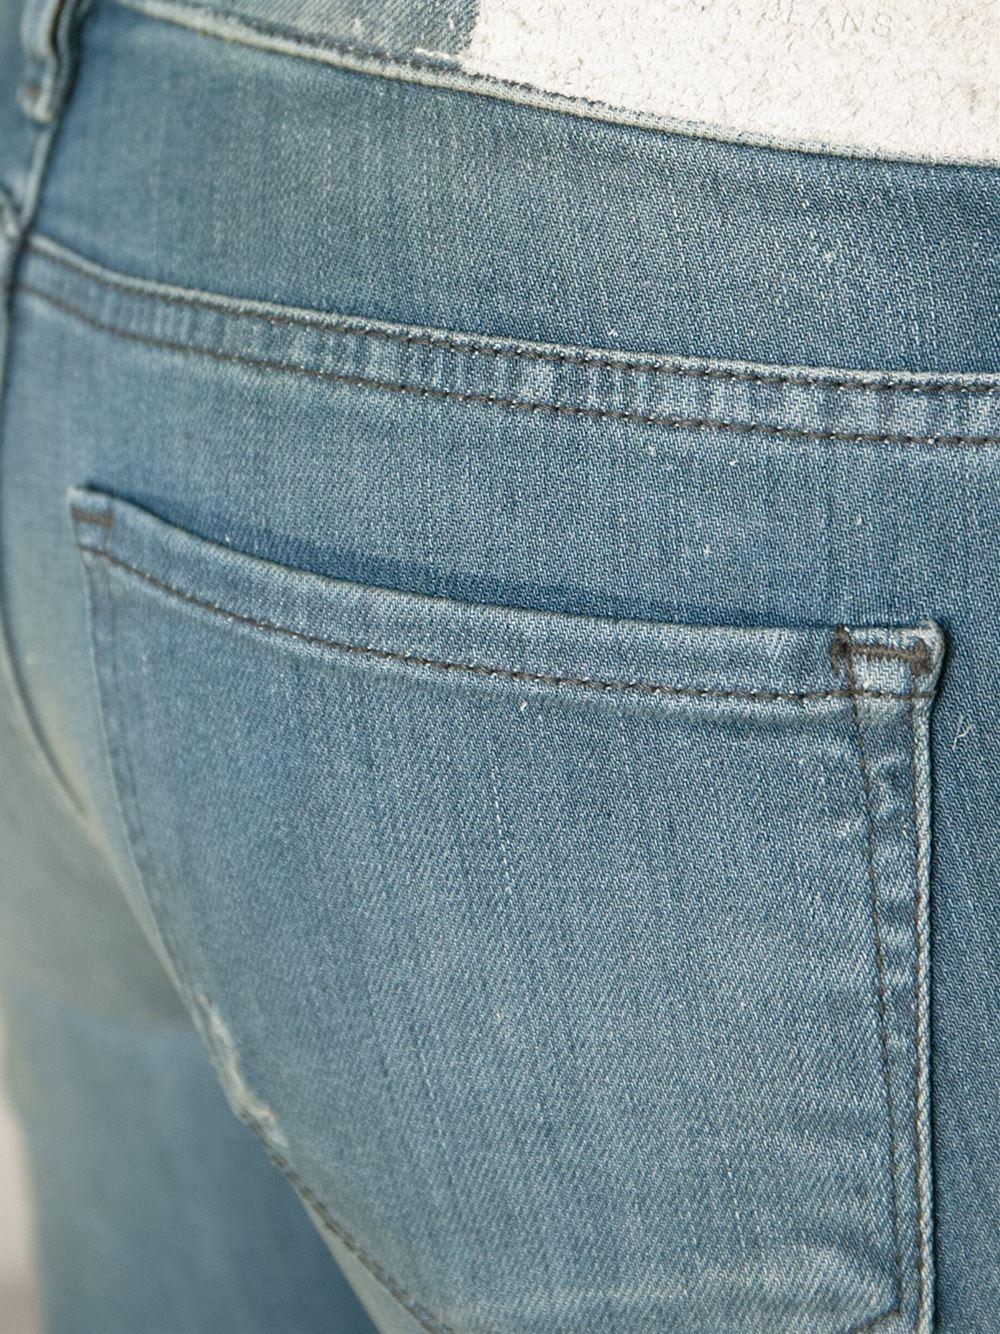 IRO Faded Skinny Jeans in Blue